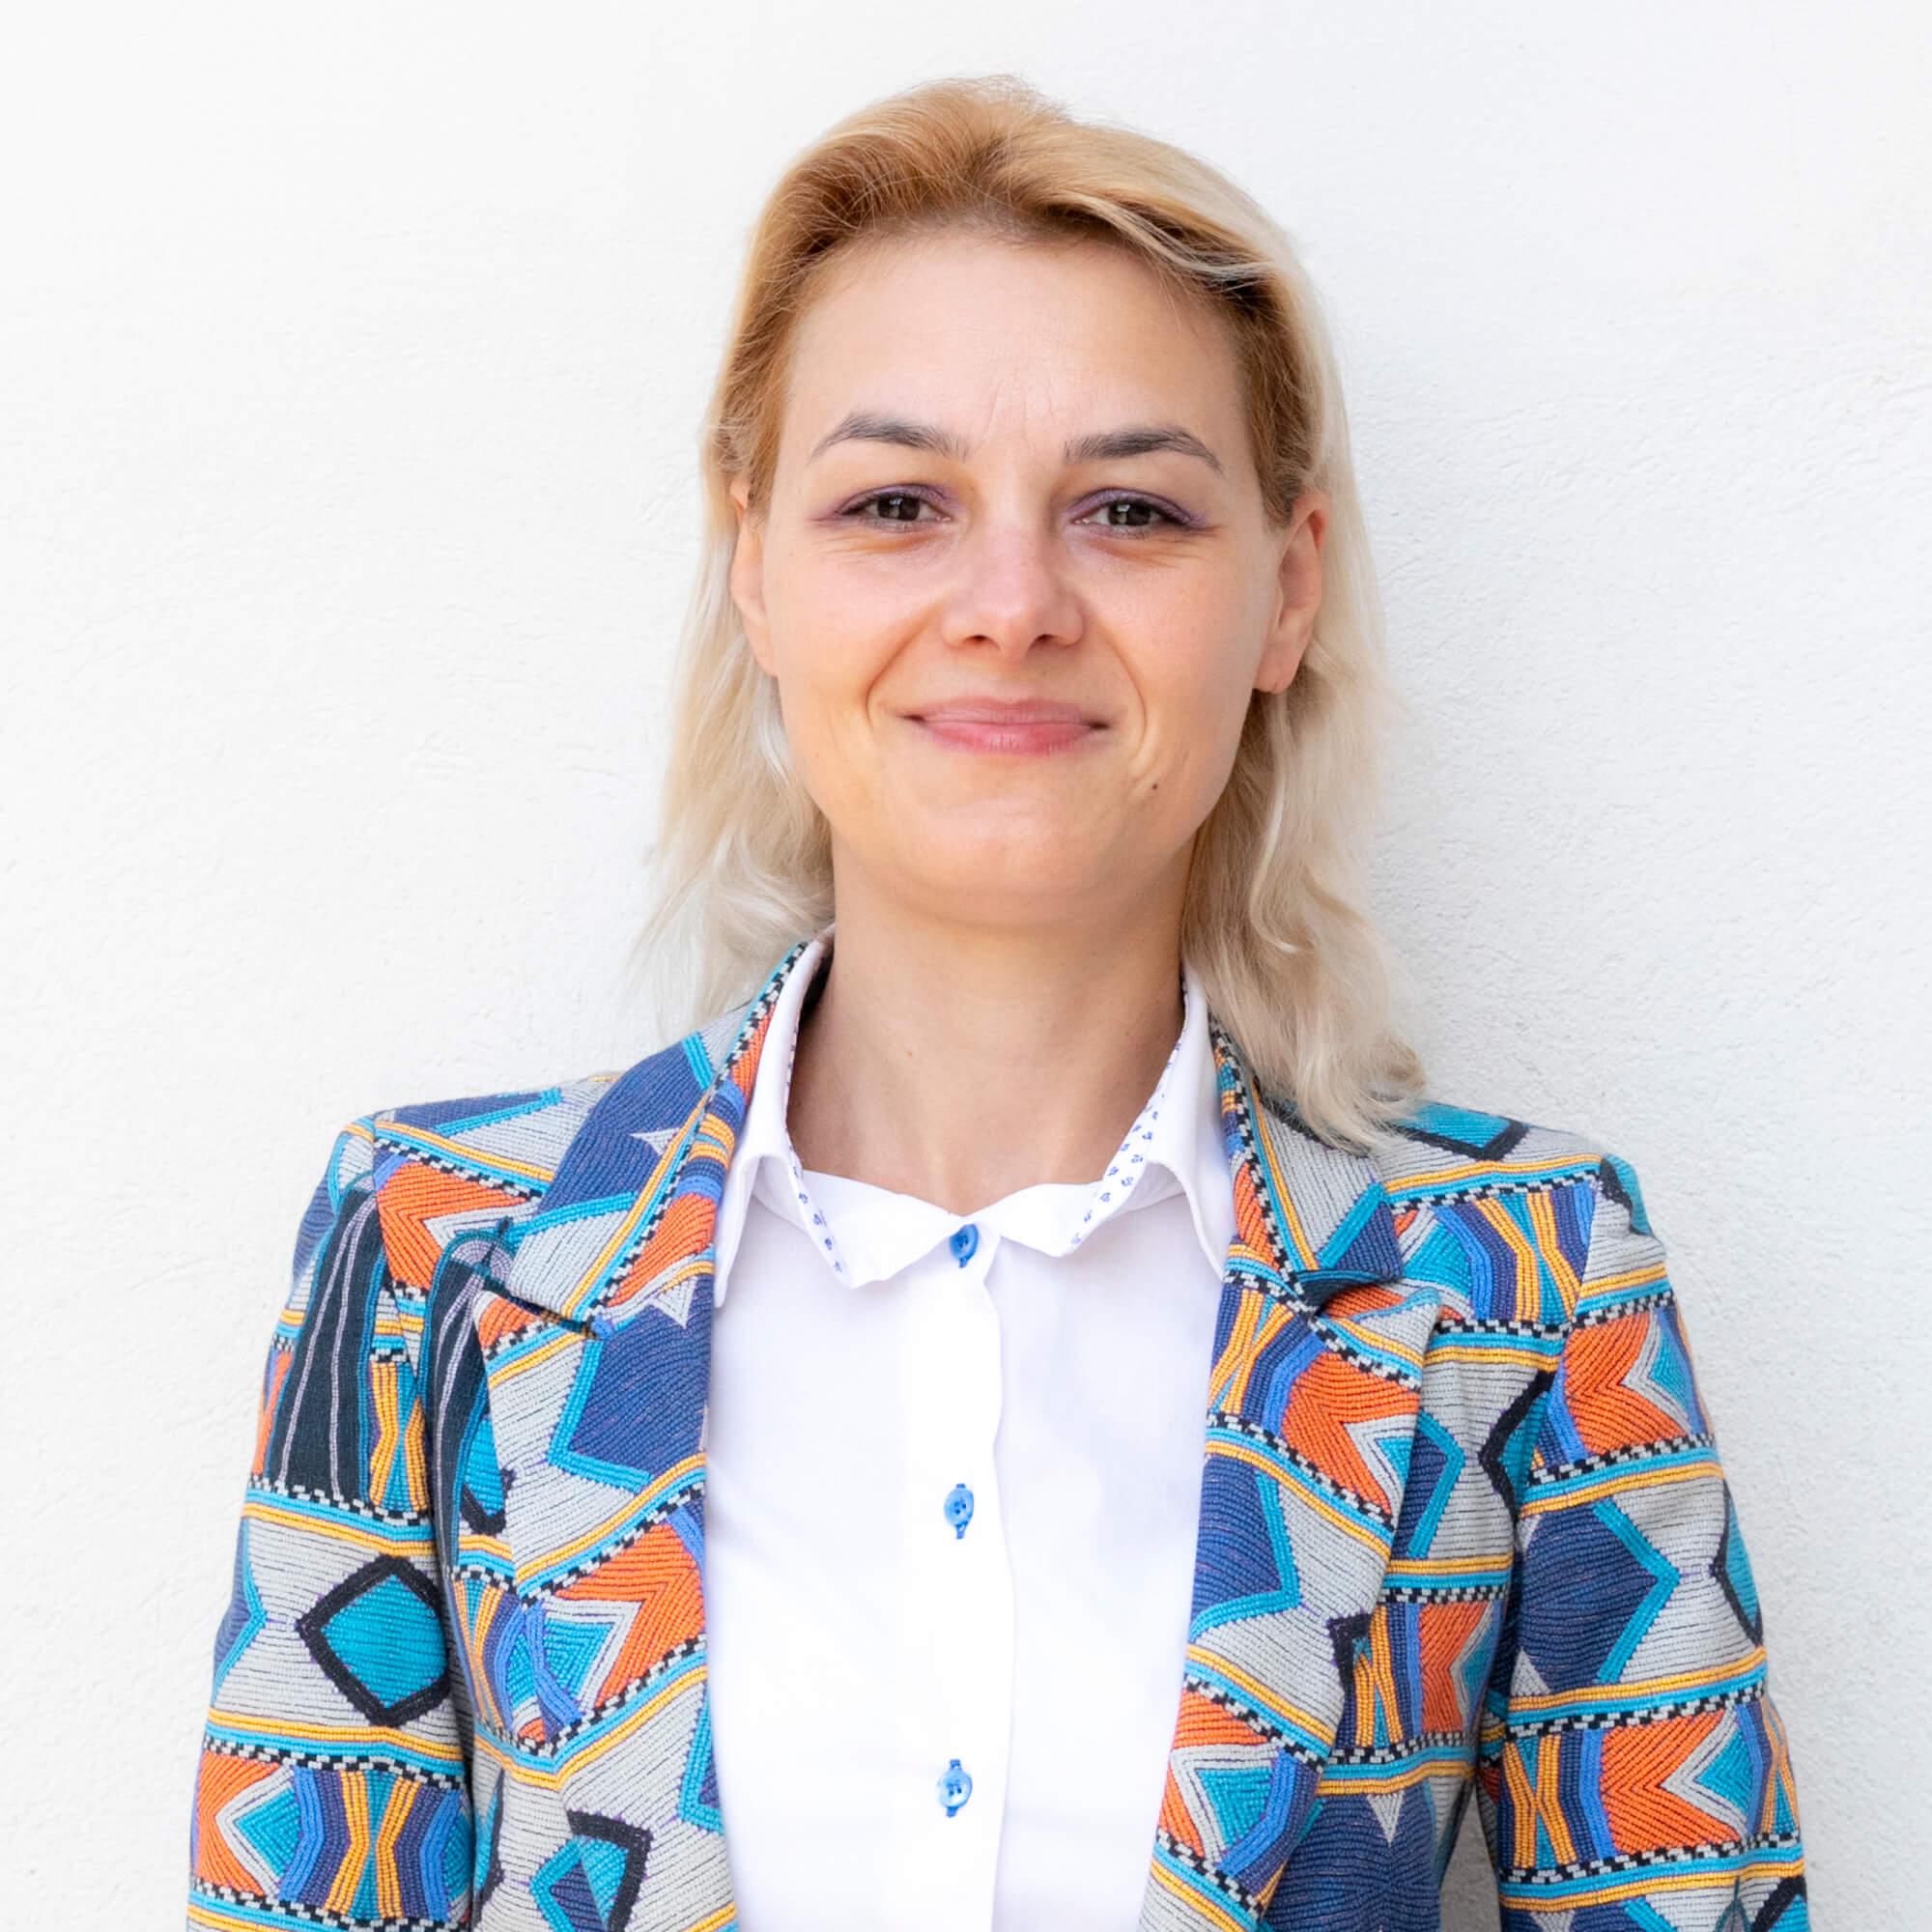 Monica-Luiza Dobre